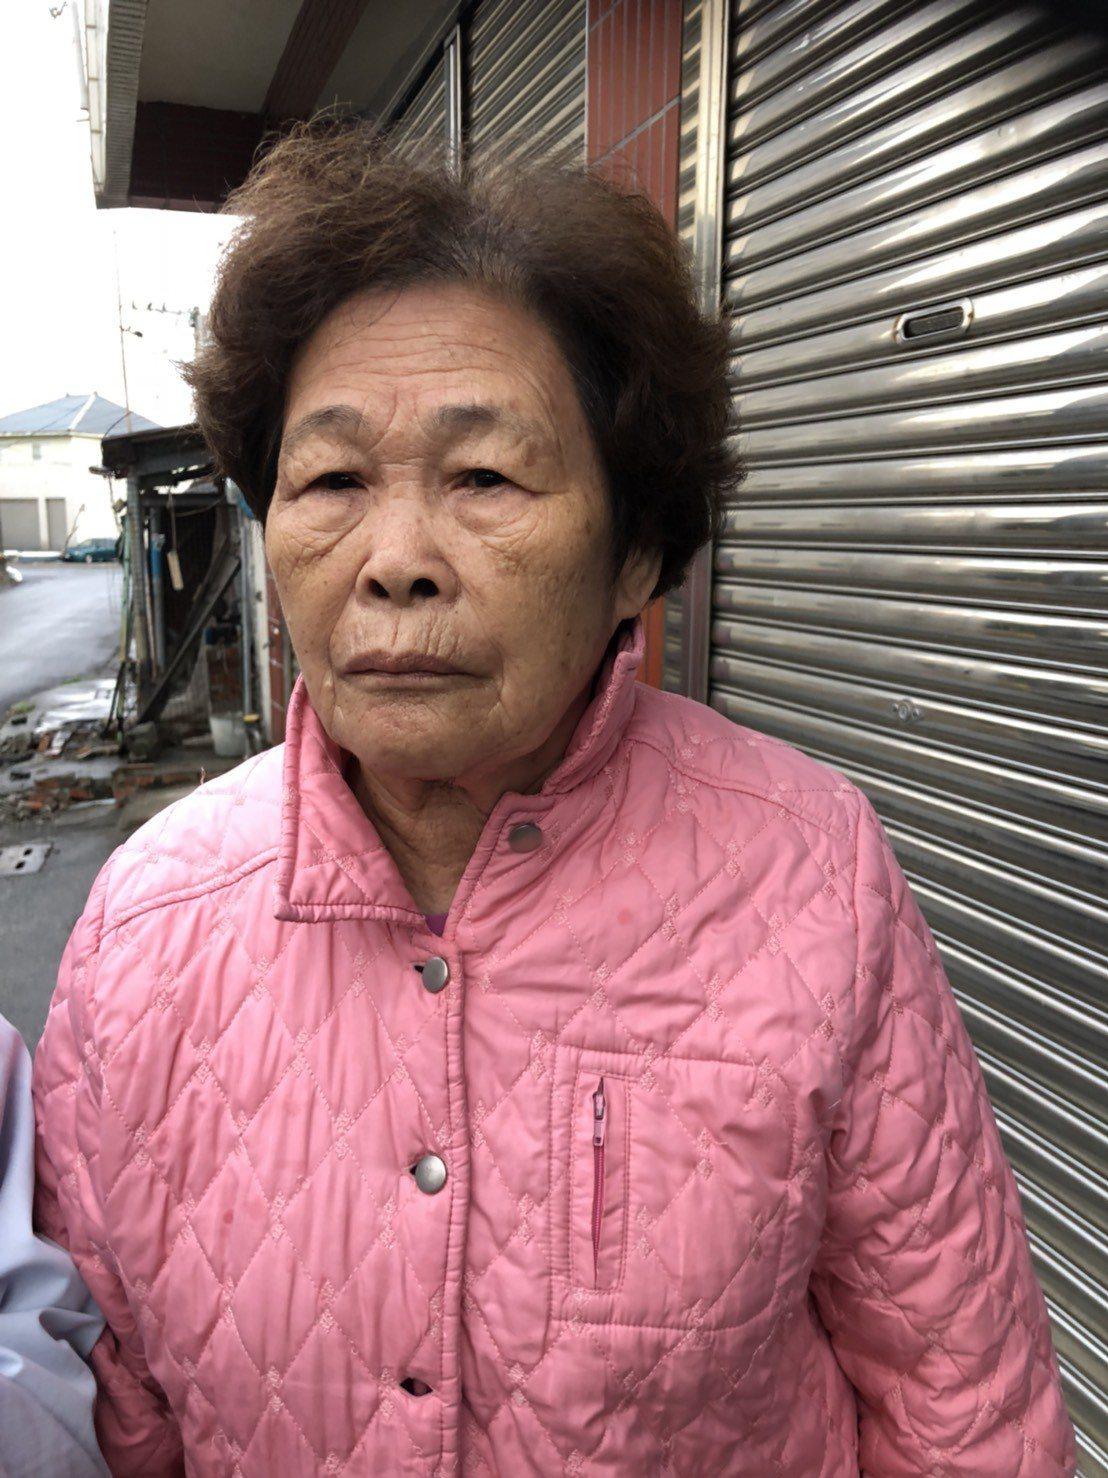 嘉義縣布袋鎮80歲老阿嬤張李金蓮,遭嘉義客運司機硬拉下車,造成手腕關節扭傷。記者...